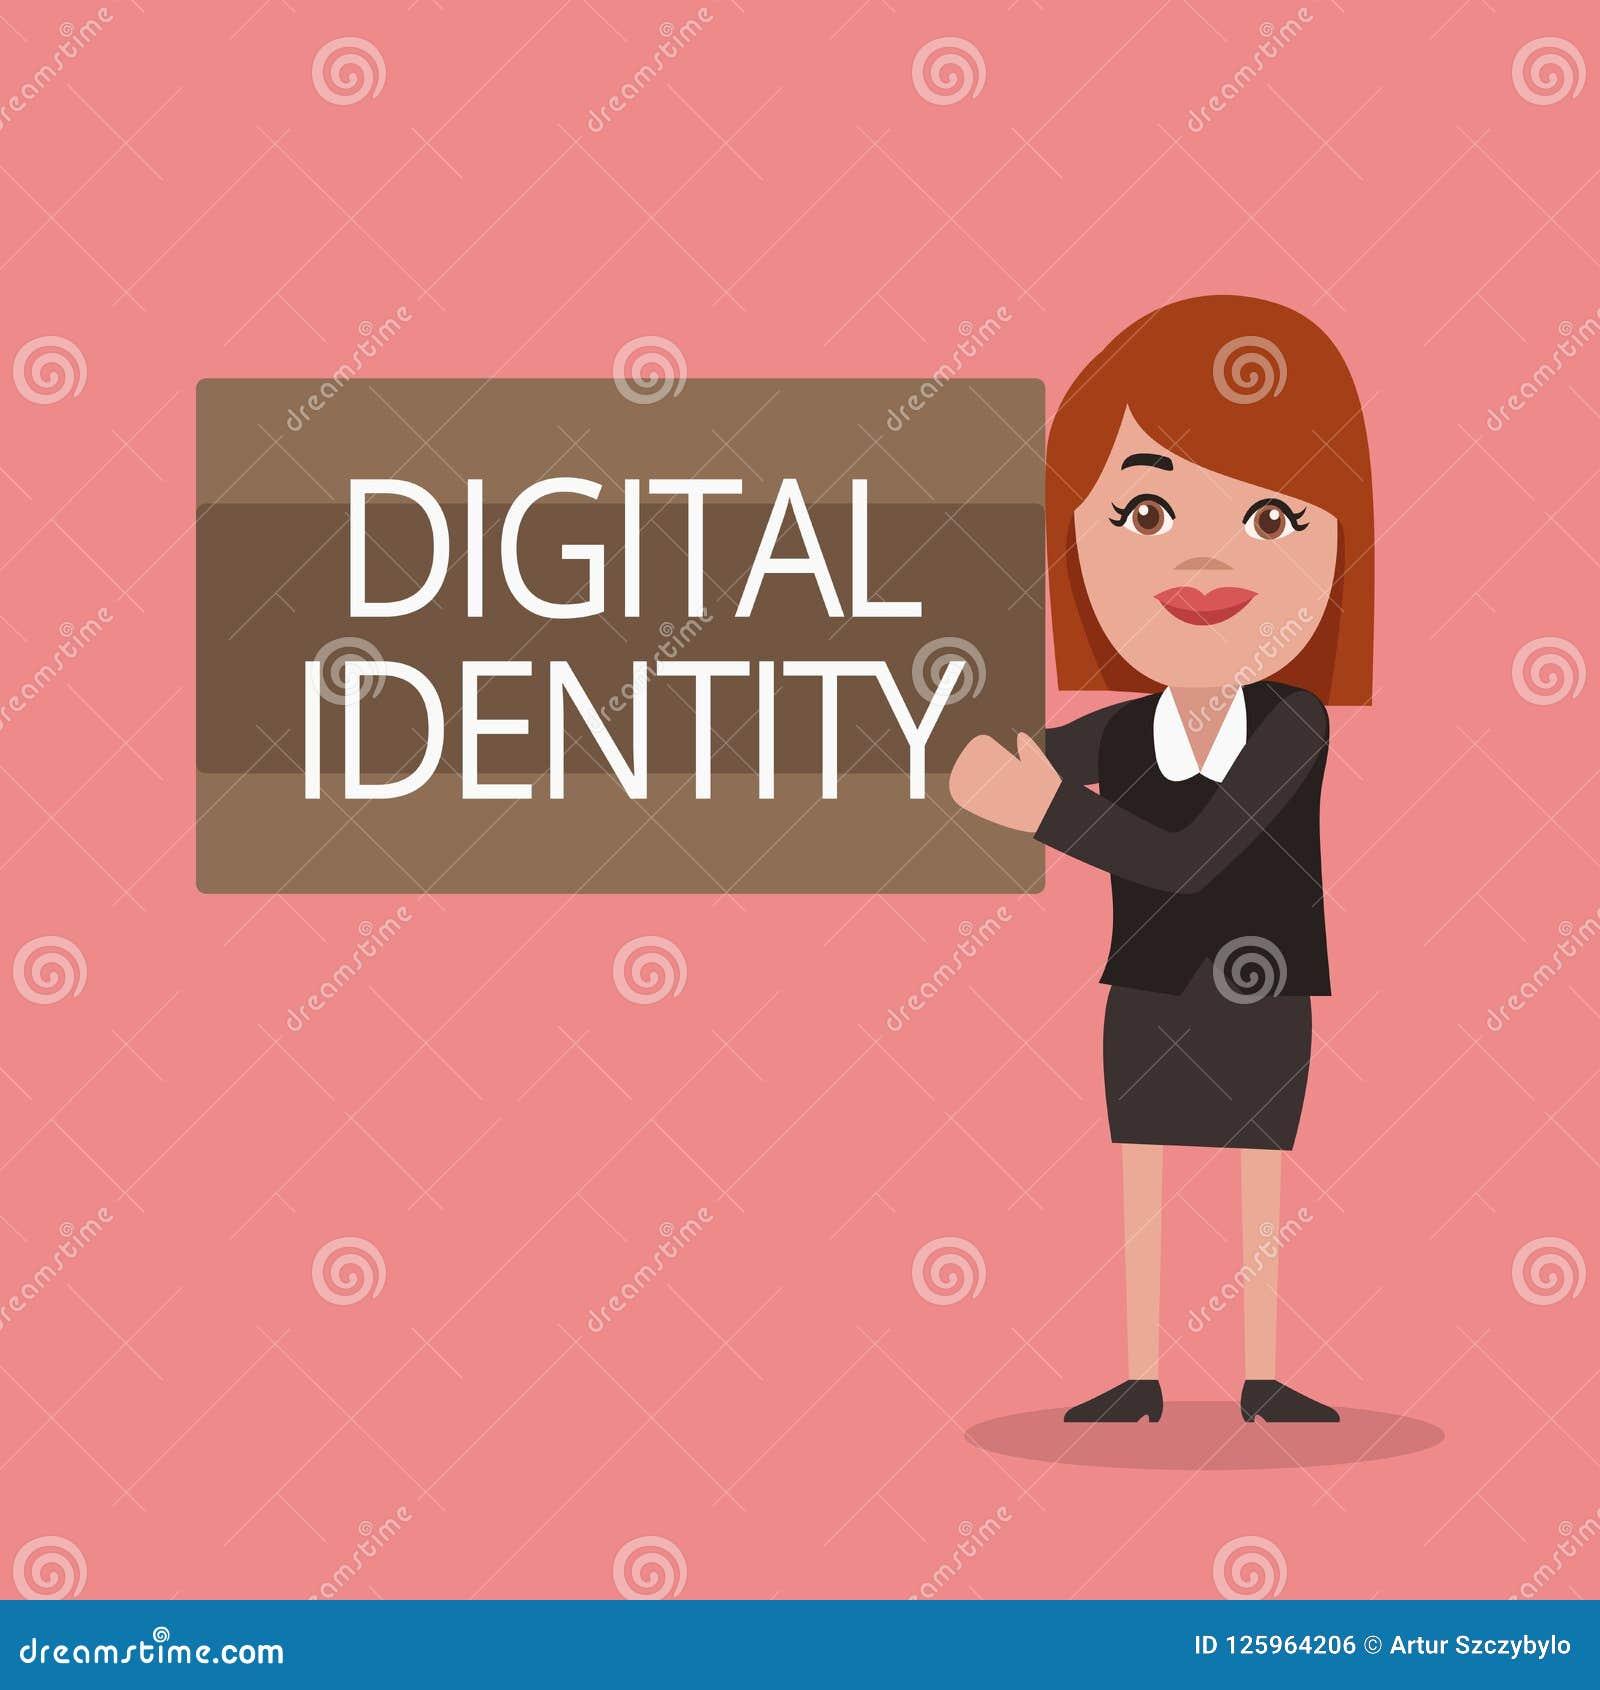 Begriffshandschrift, die Digital-Identität zeigt Geschäftsfototextinformationen über das Wesen benutzt durch Computer, um Mittel